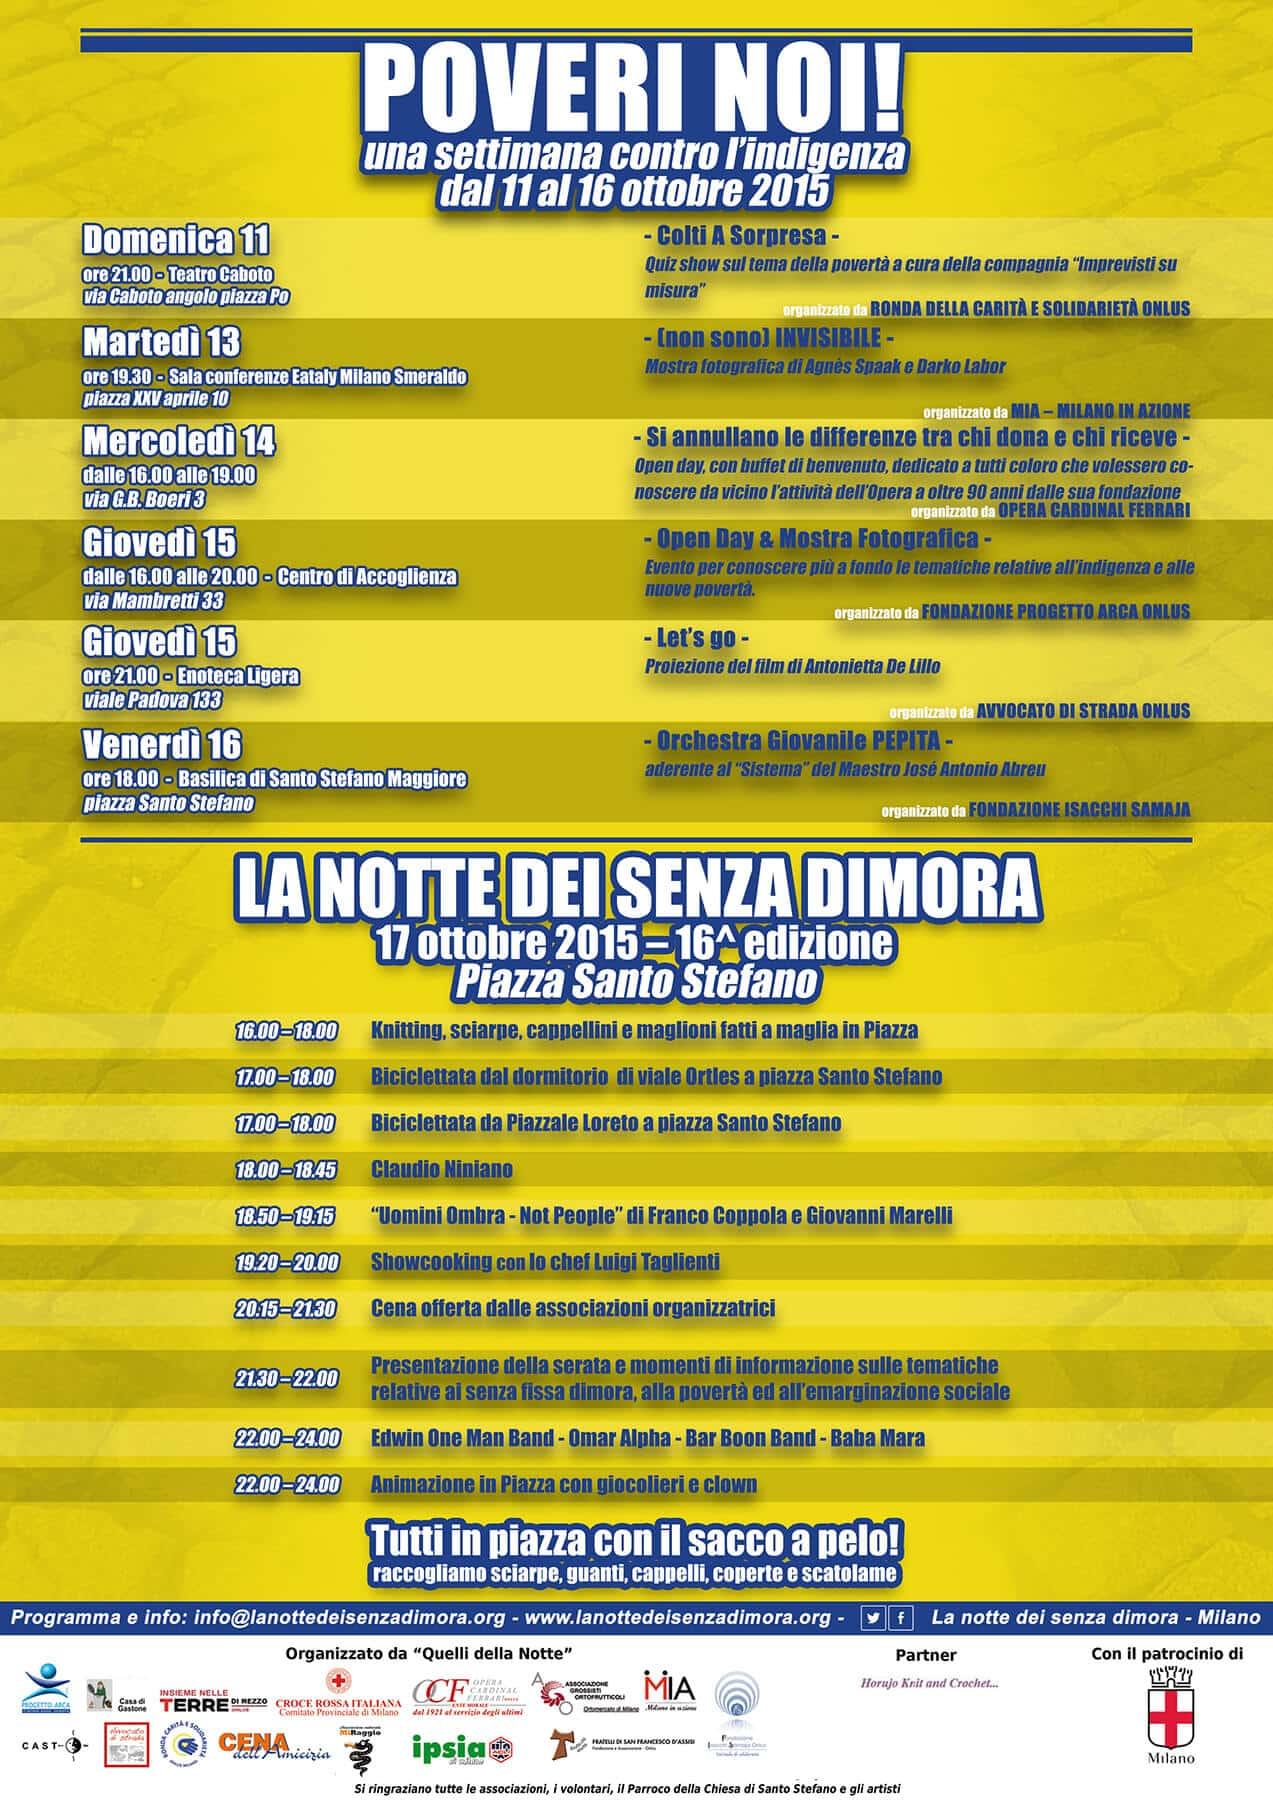 Volantino2015-Retro-medium